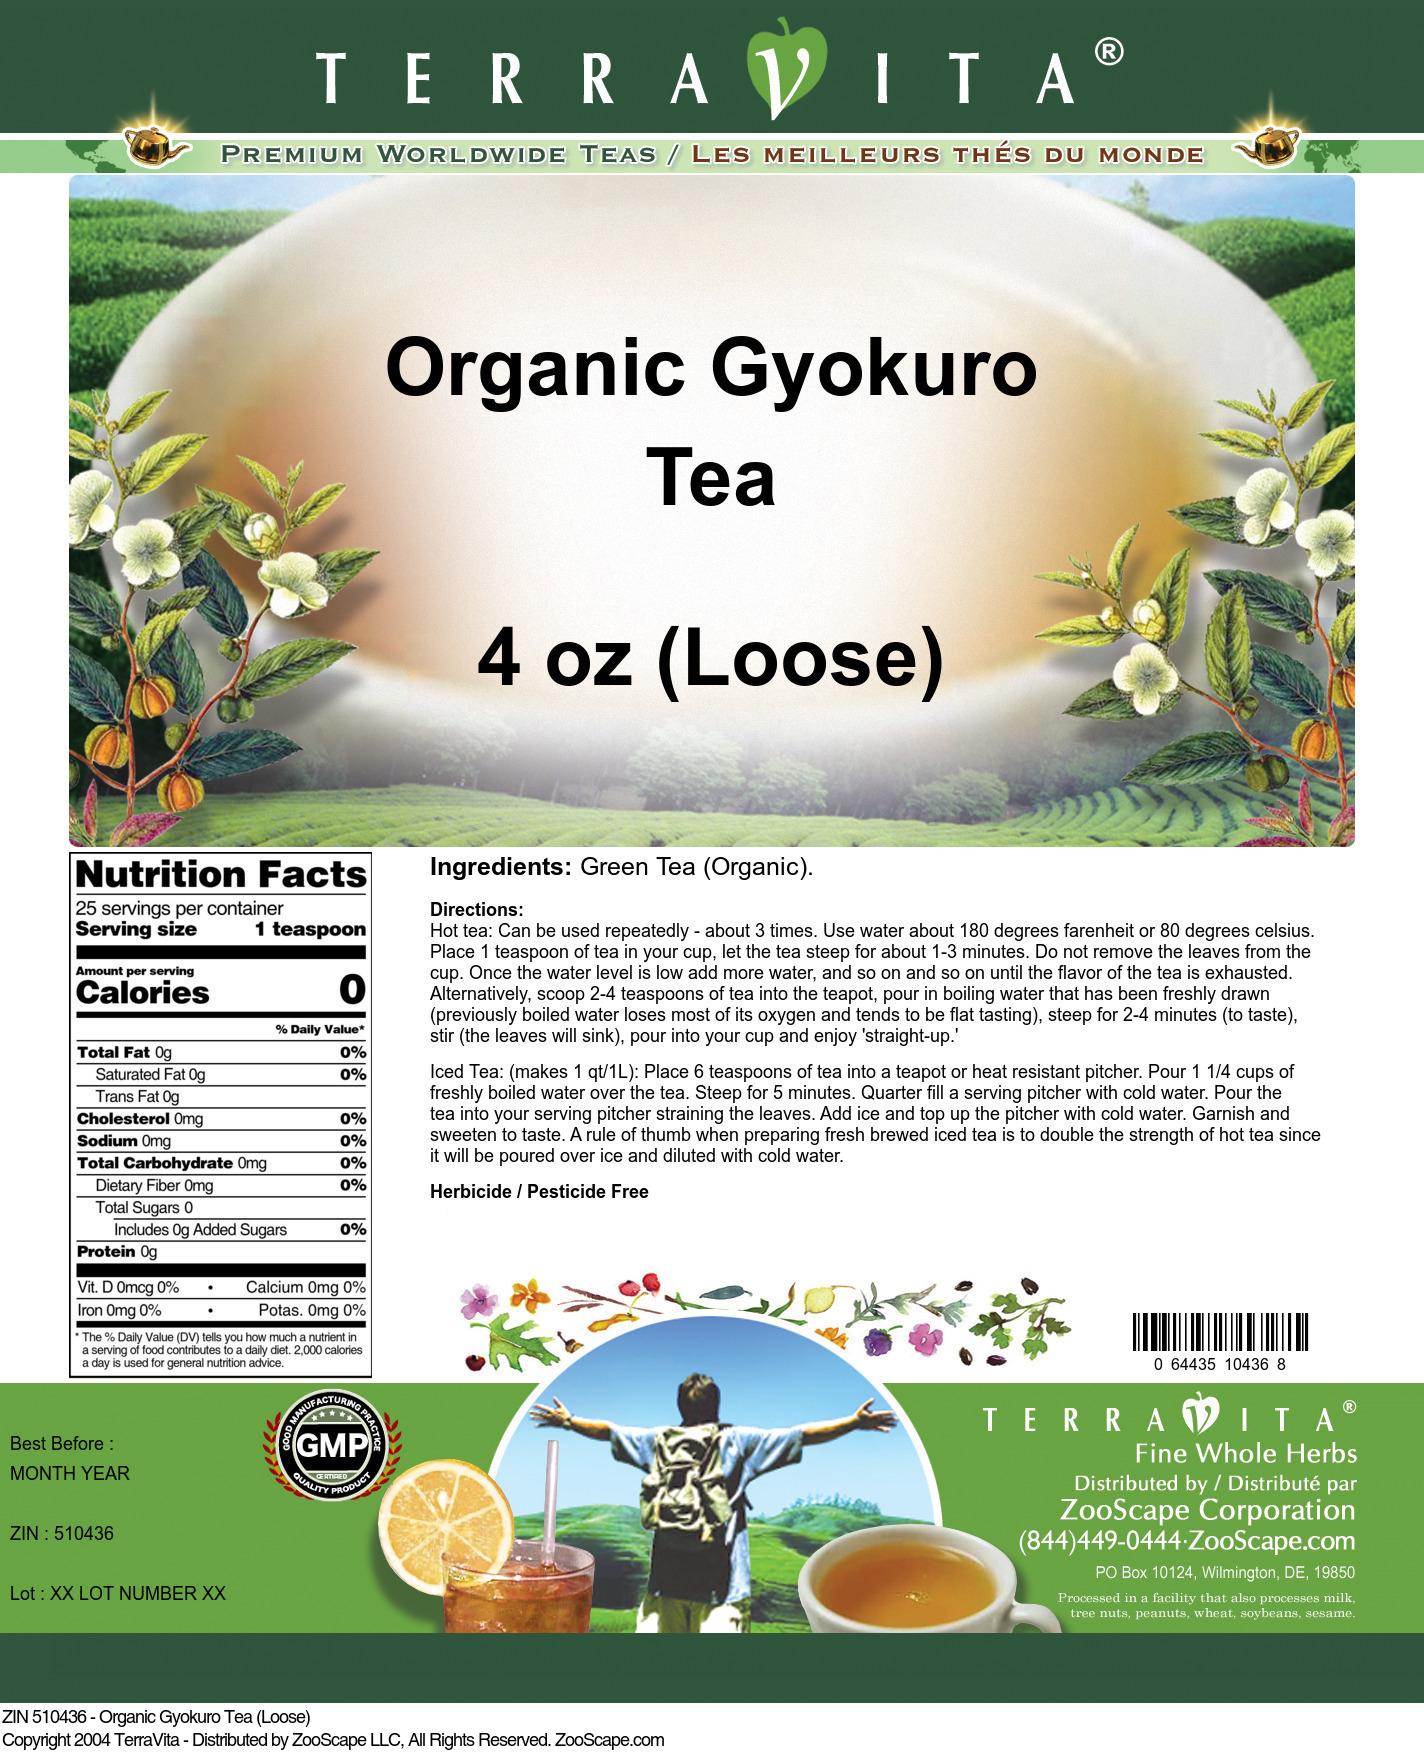 Organic Gyokuro Tea (Loose)